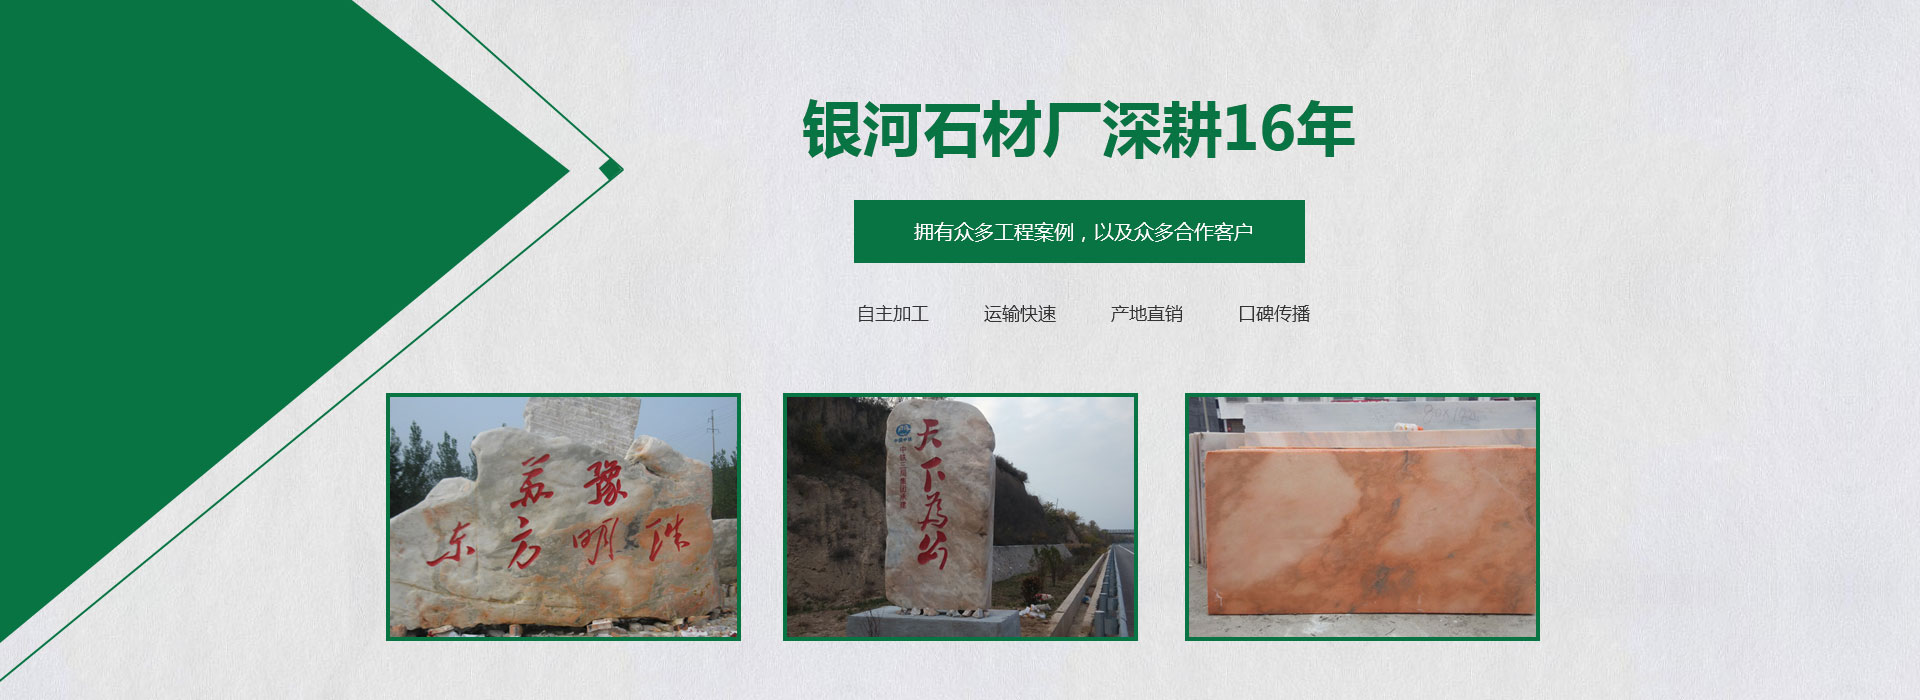 河南文化石